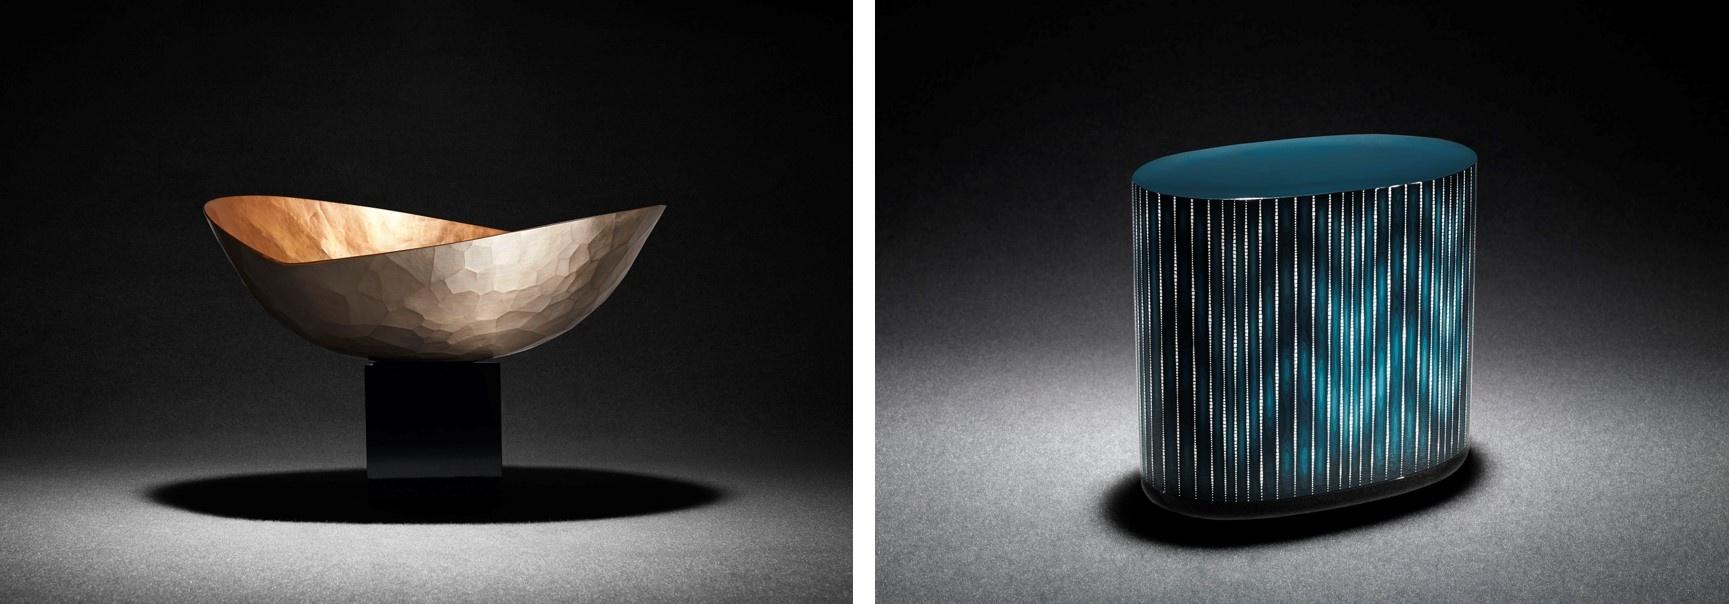 (左)鎚起銅器「魂銅器(こどうき)」(玉川堂作) (右) 卵殻彫漆箱「白糸(しらいと)」(金城一国斎作)